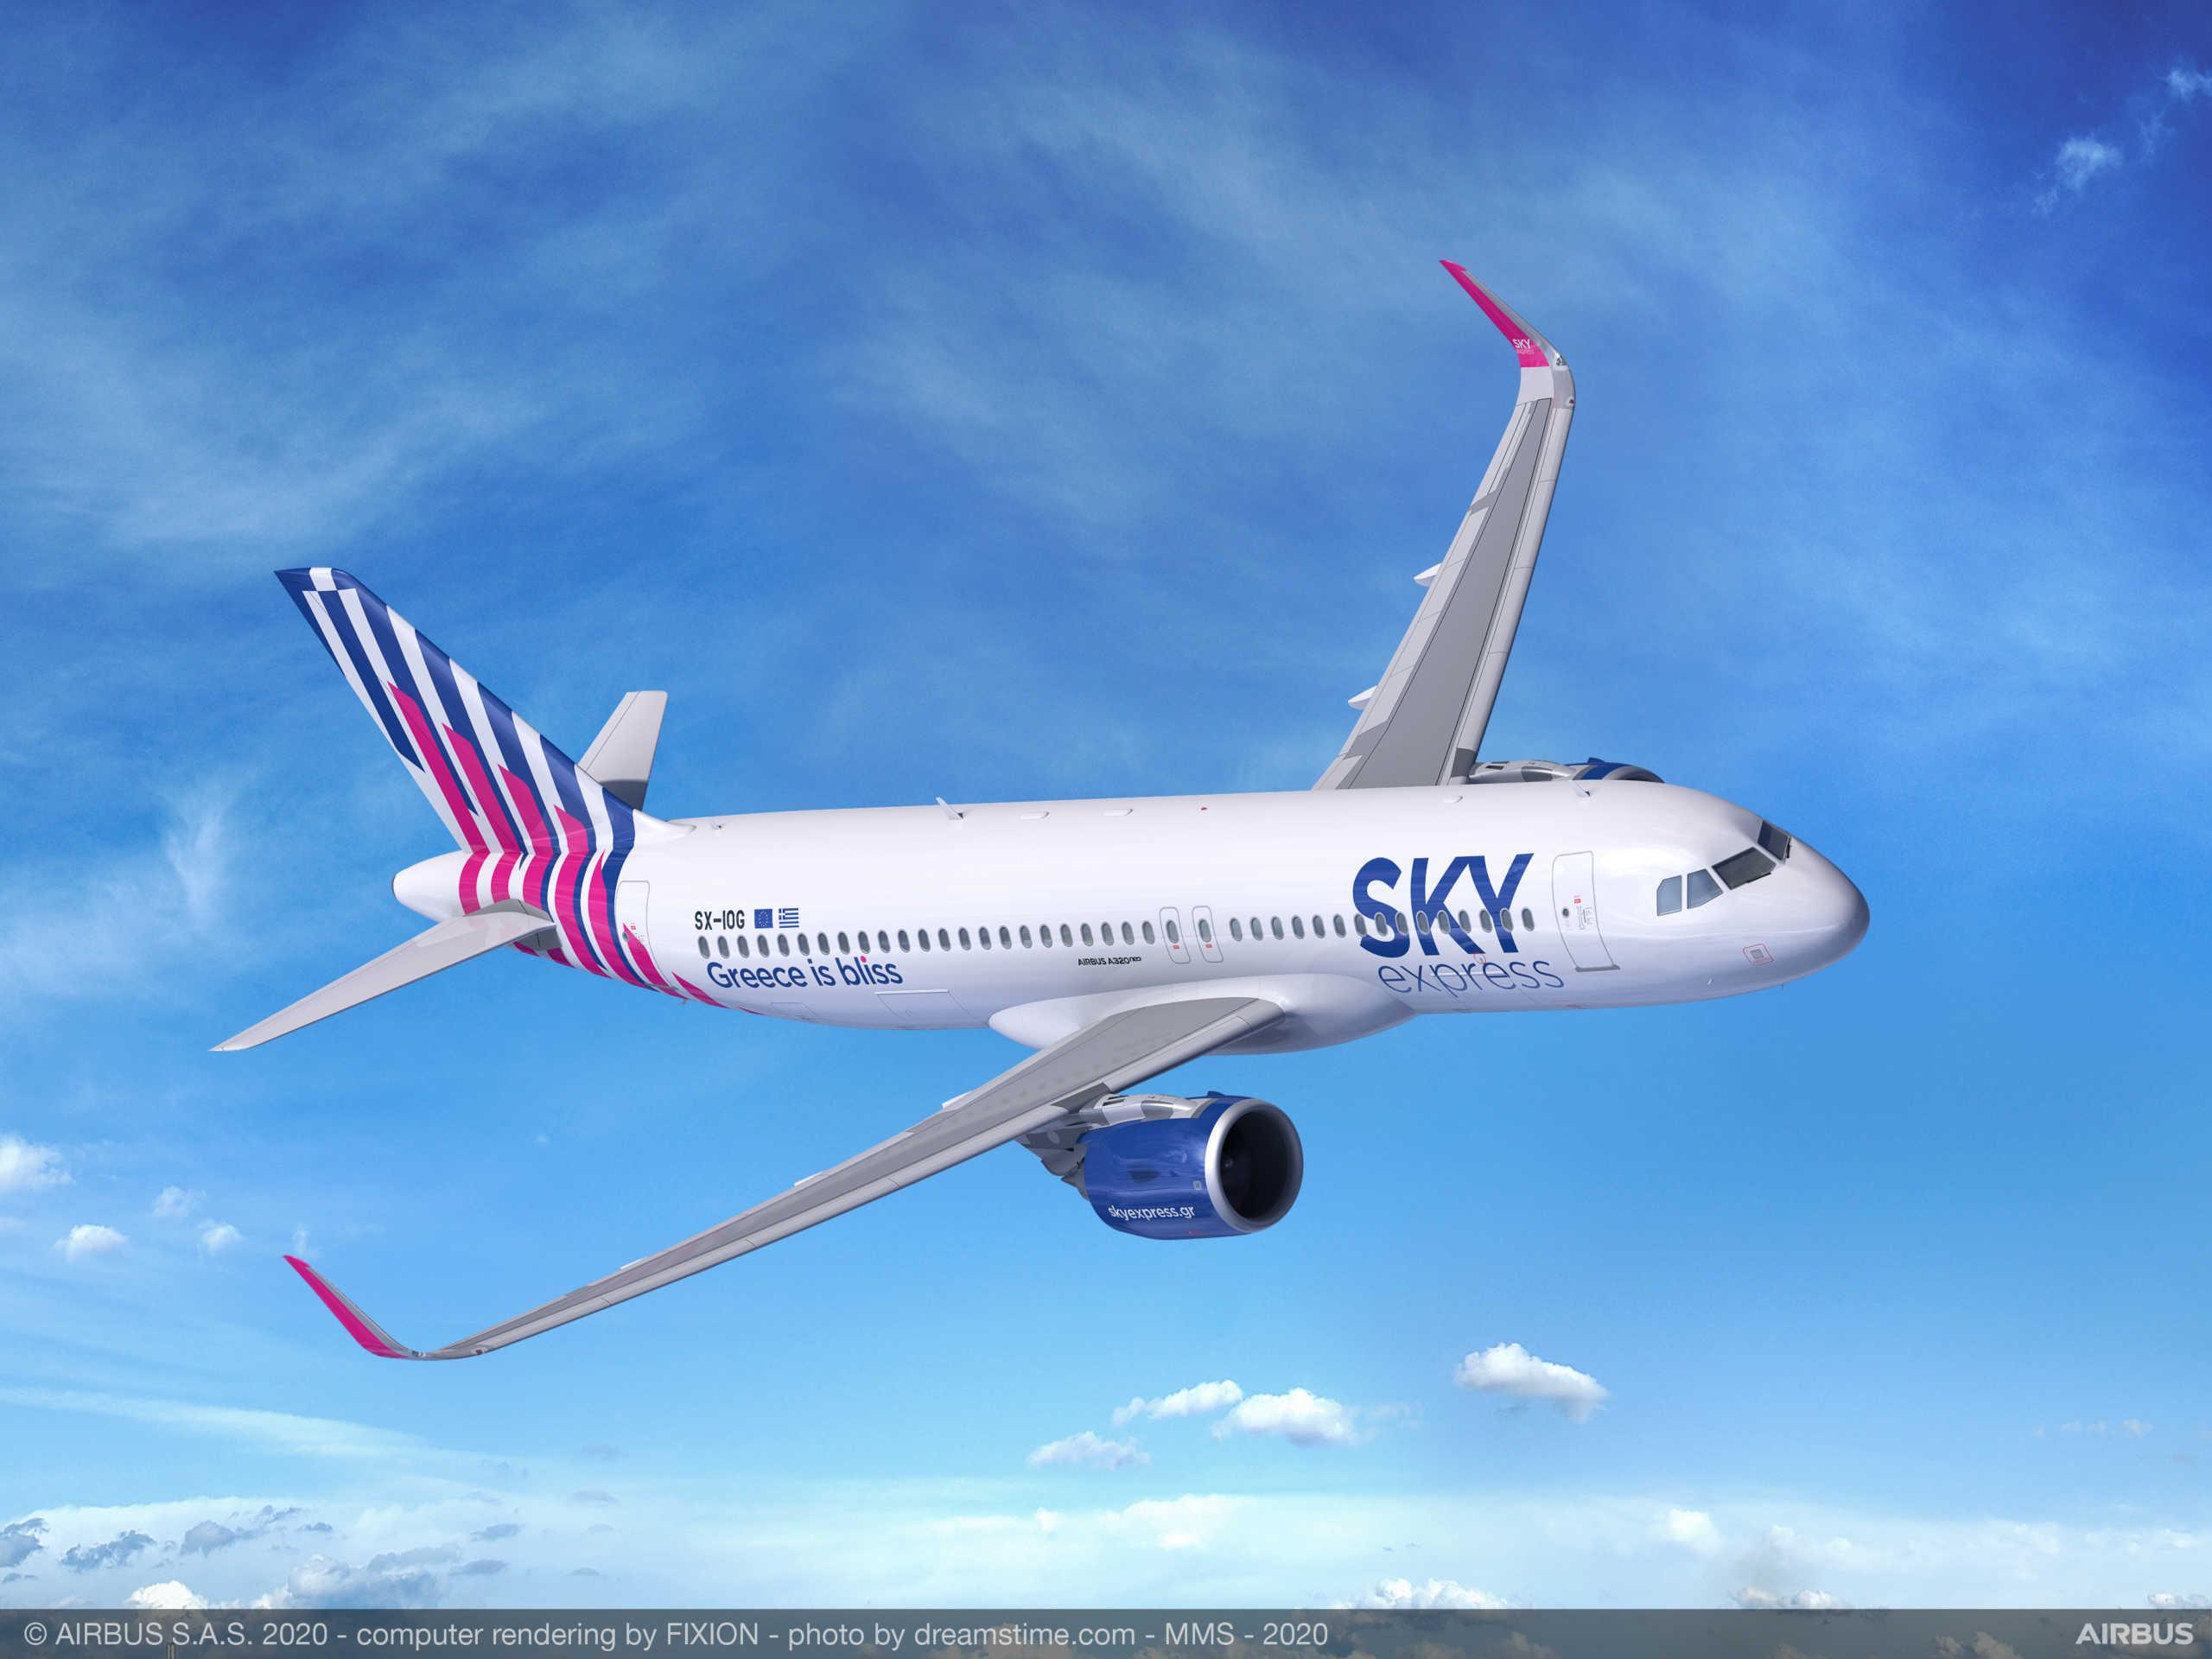 αεροπλάνο Sky Express